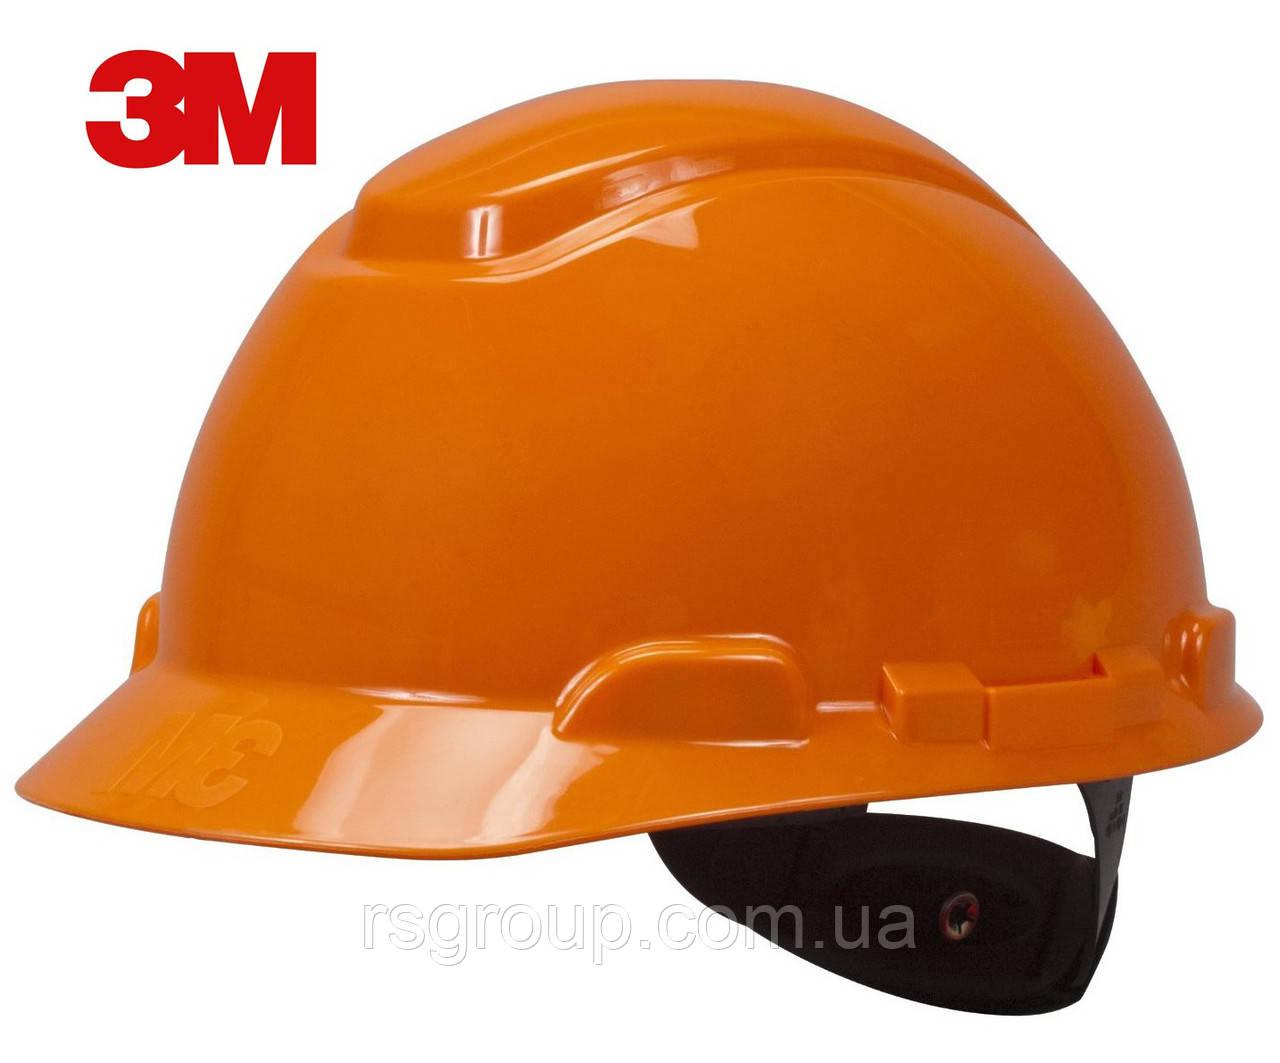 Каска 3М H-701N-OR без вентиляции